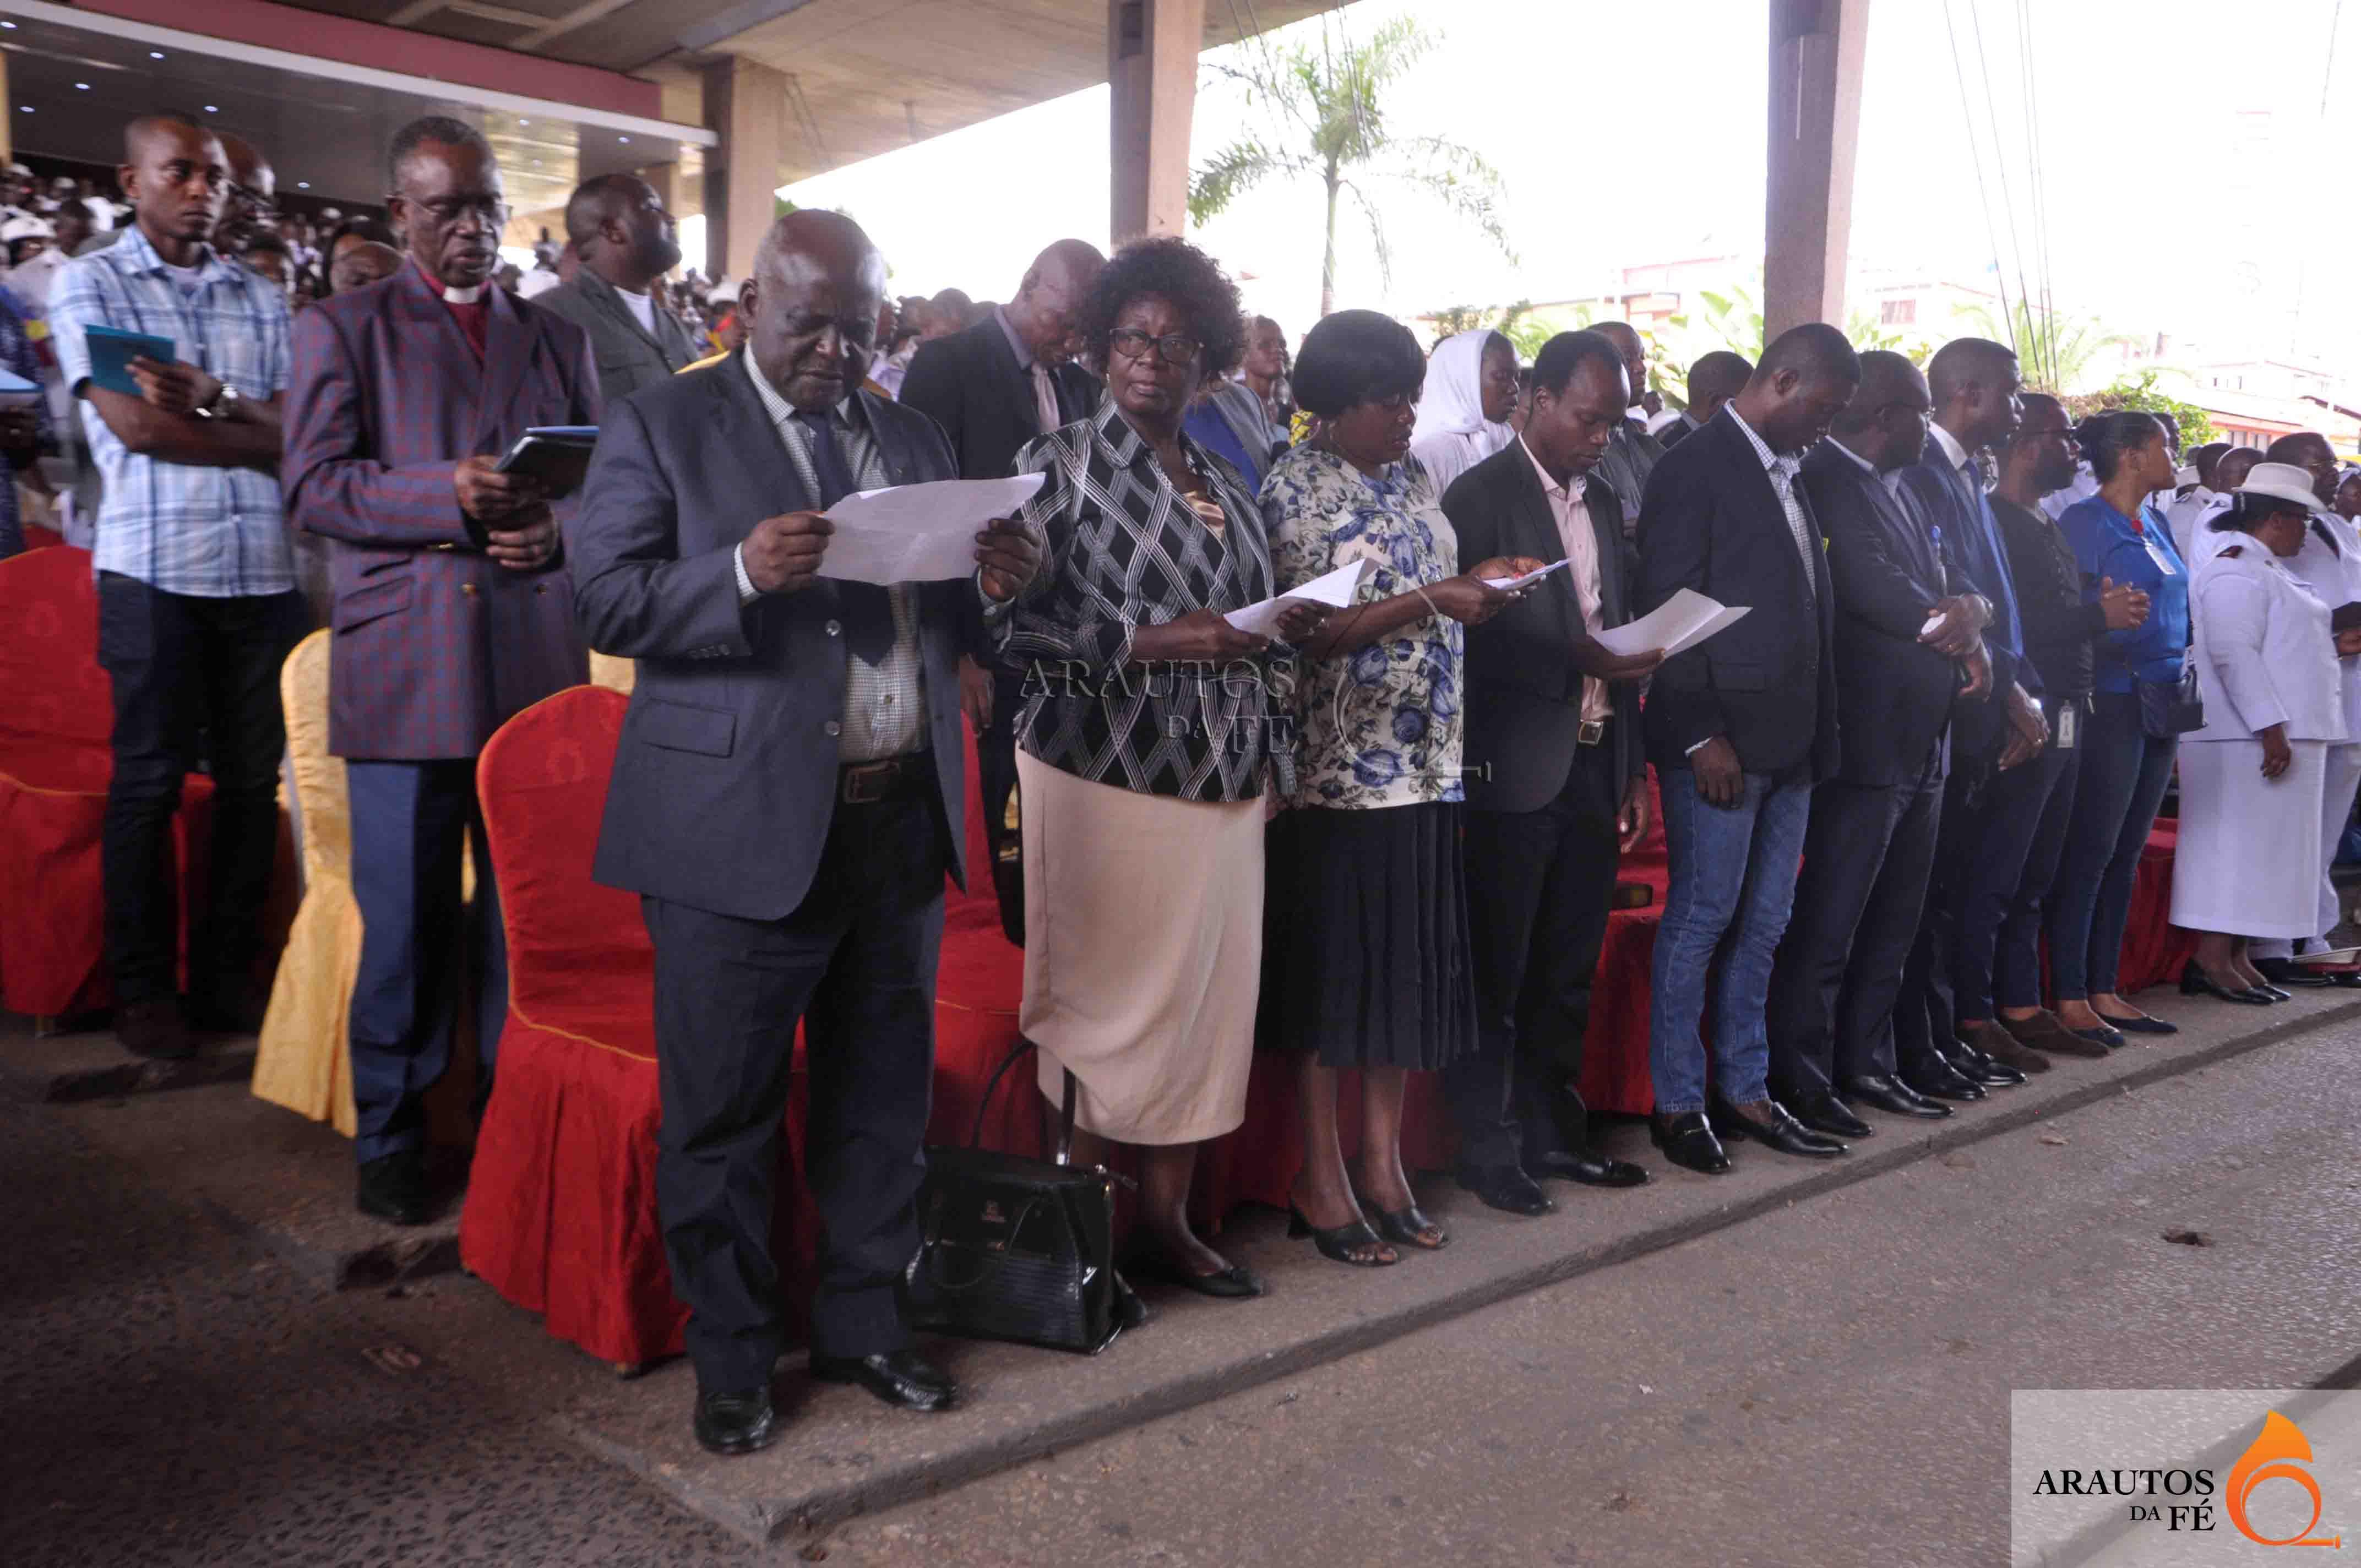 Cerimónia contou com a presença de líderes de outras denominações. (Foto: Jaime Chiquito)